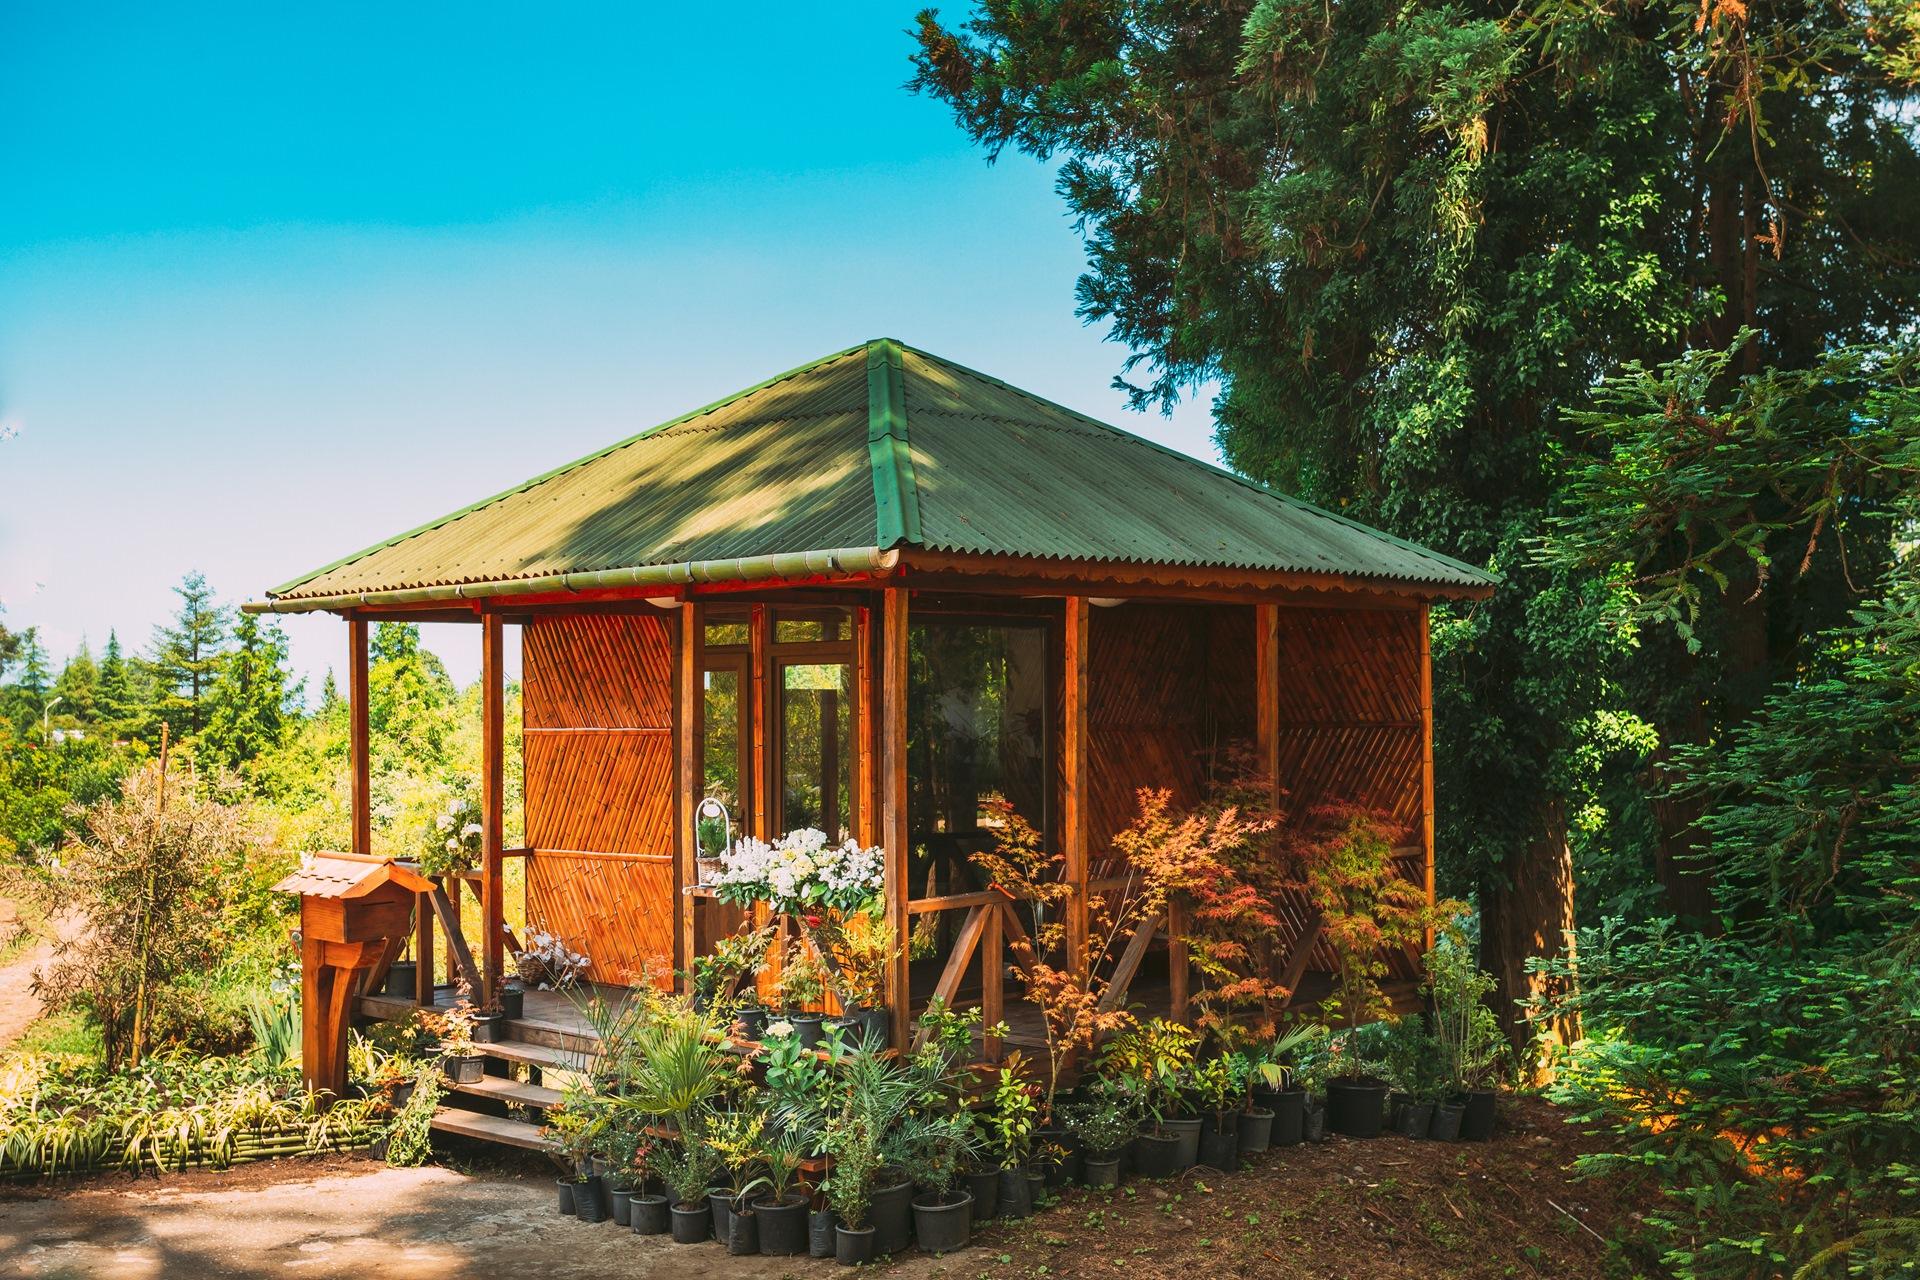 outbuilding in garden